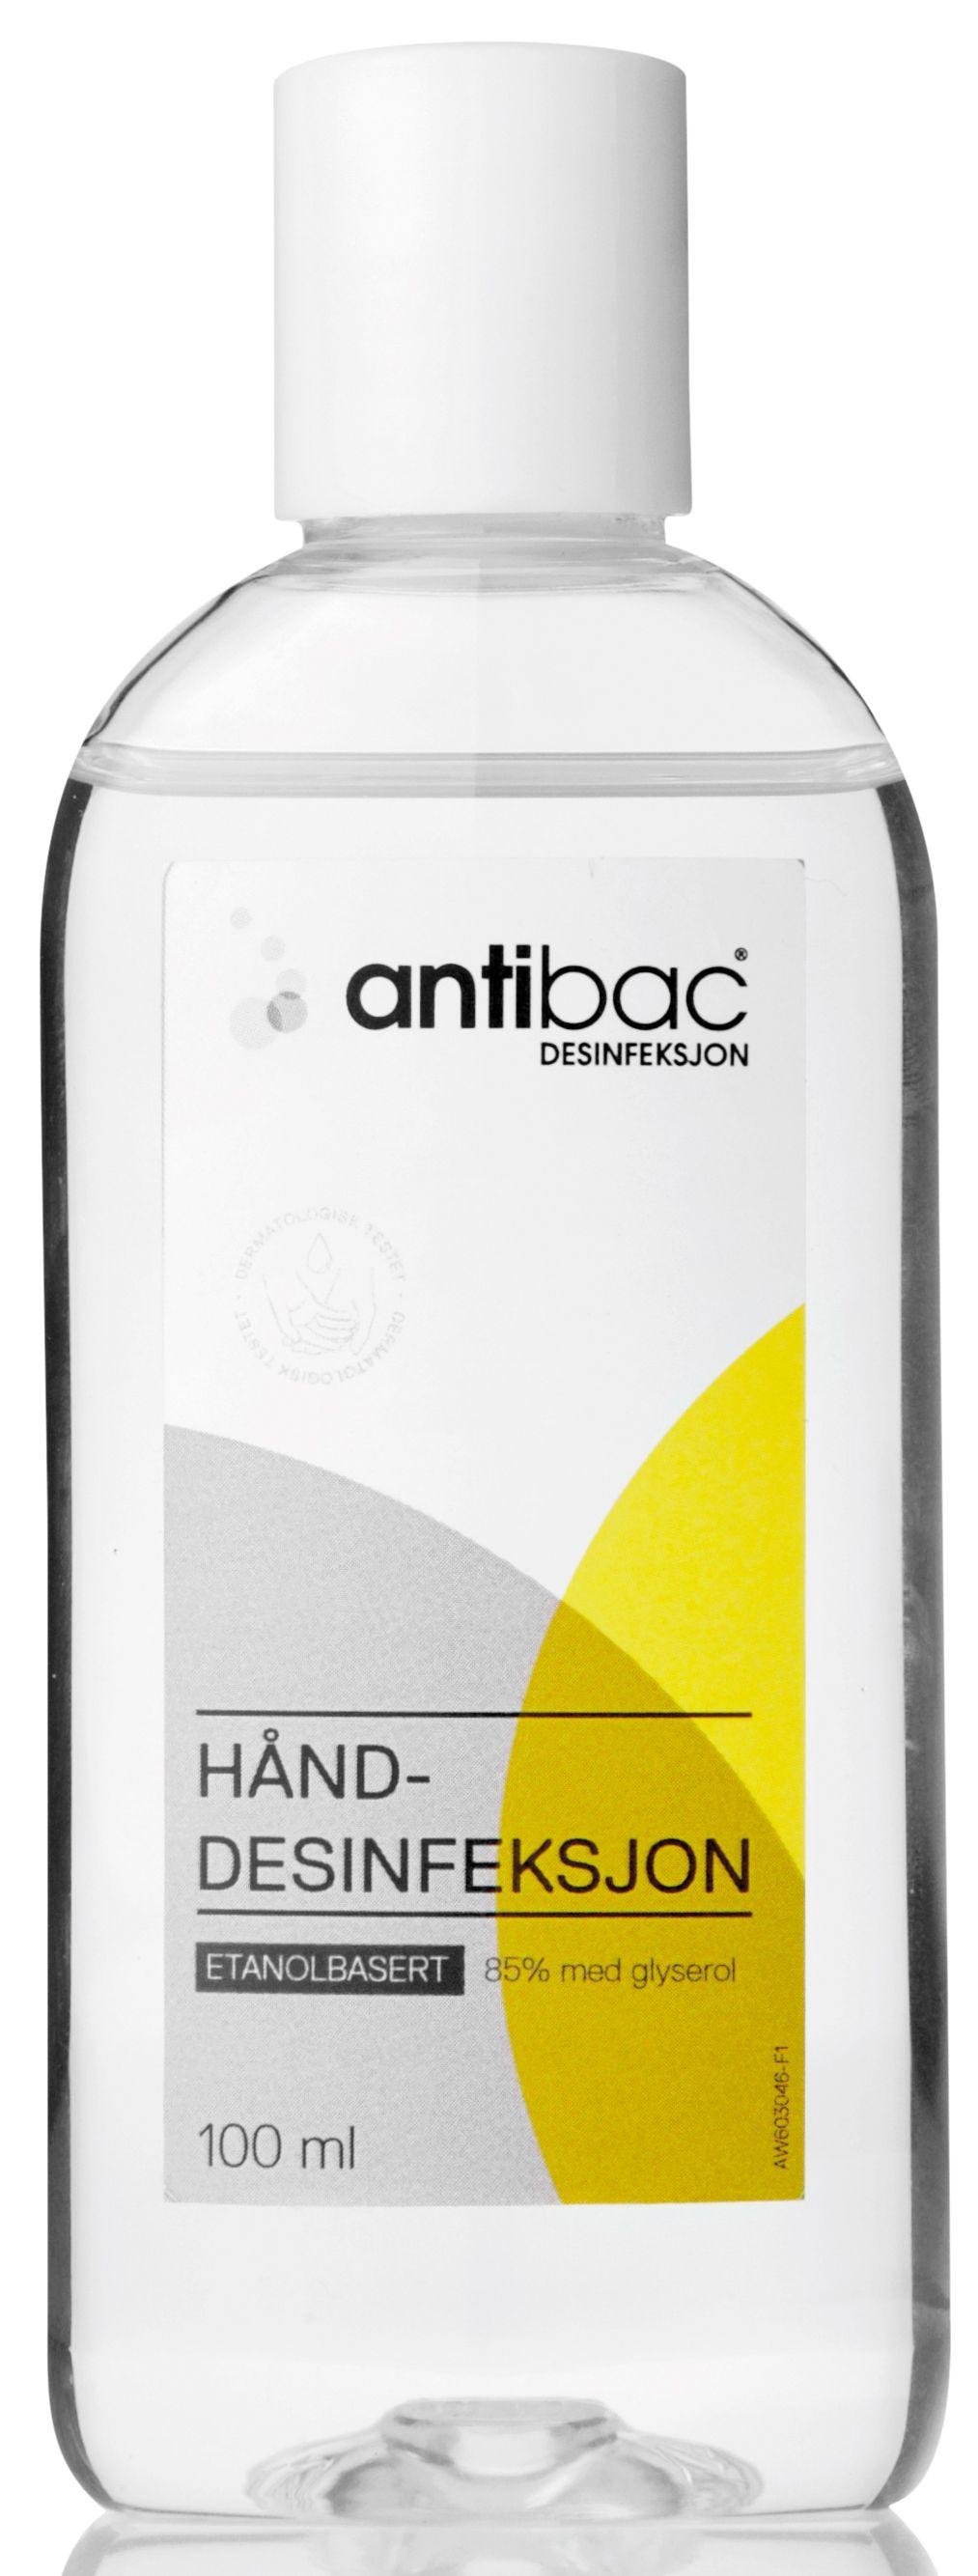 Antibac Hånddesinfeksjon 85% 100ml 603046 (Kan sendes i brev)